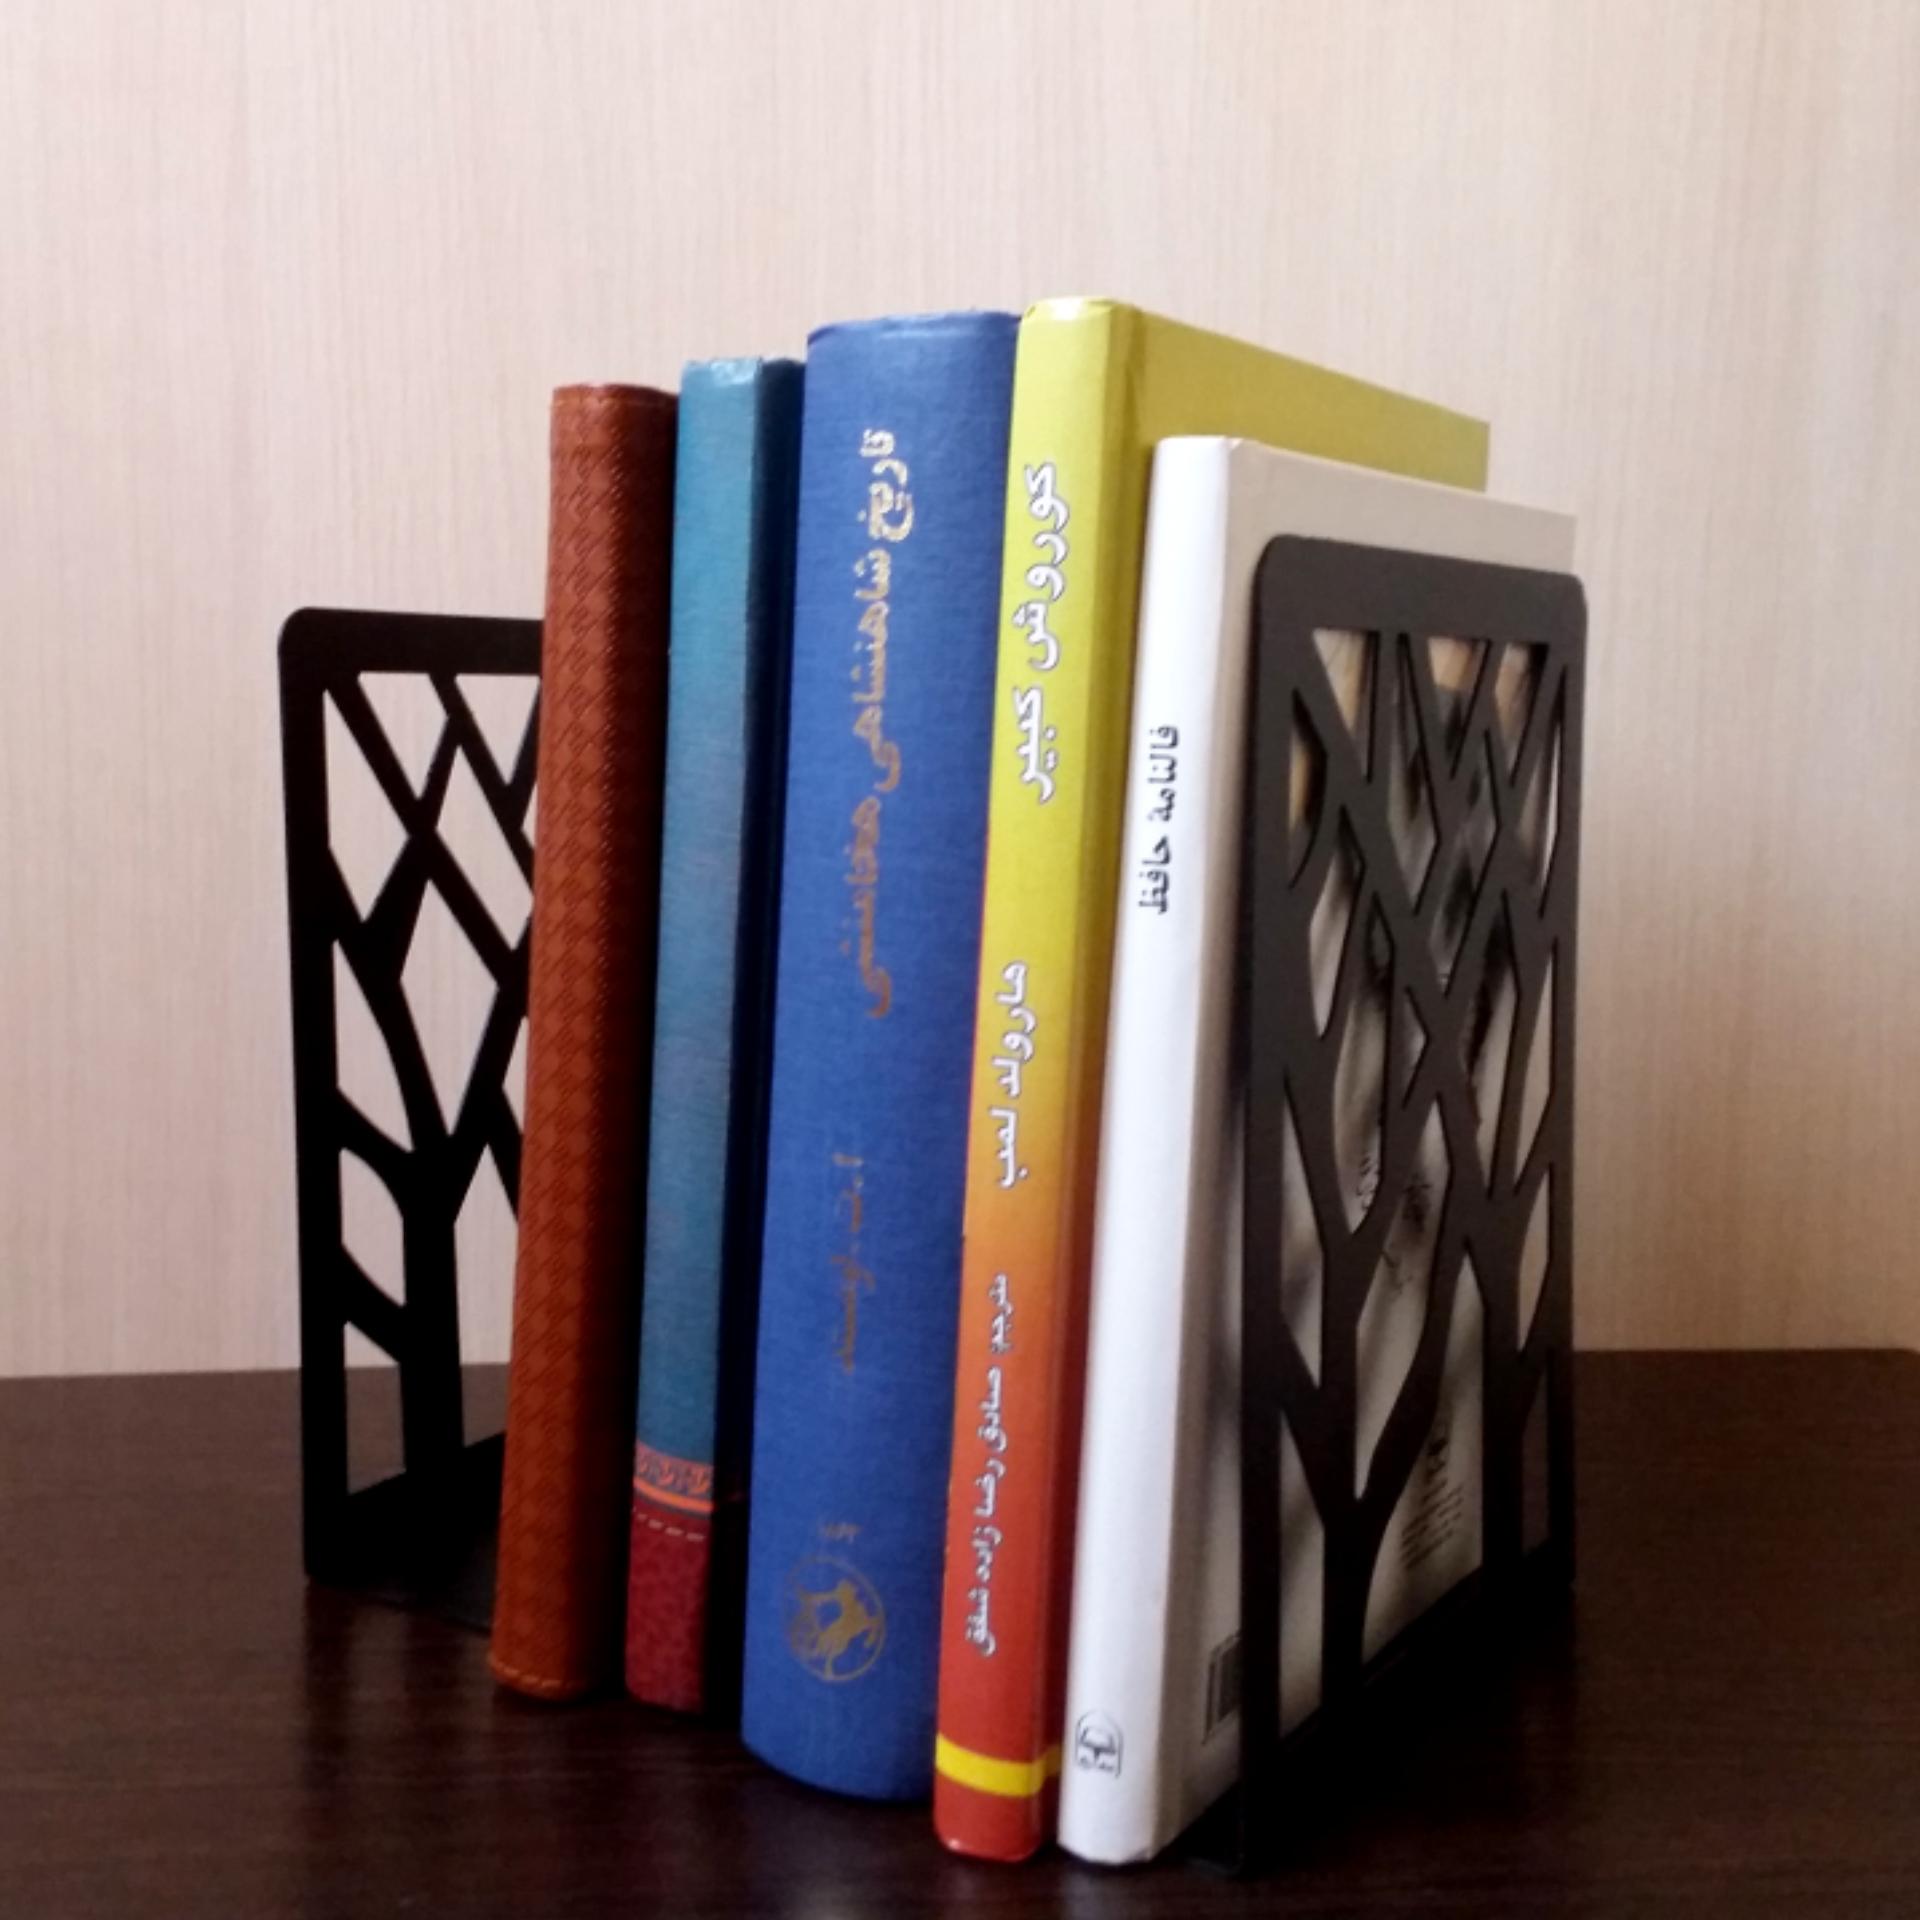 قیمت خرید نگهدارنده کتاب نیتا کد 118-1 بسته 2 عددی اورجینال